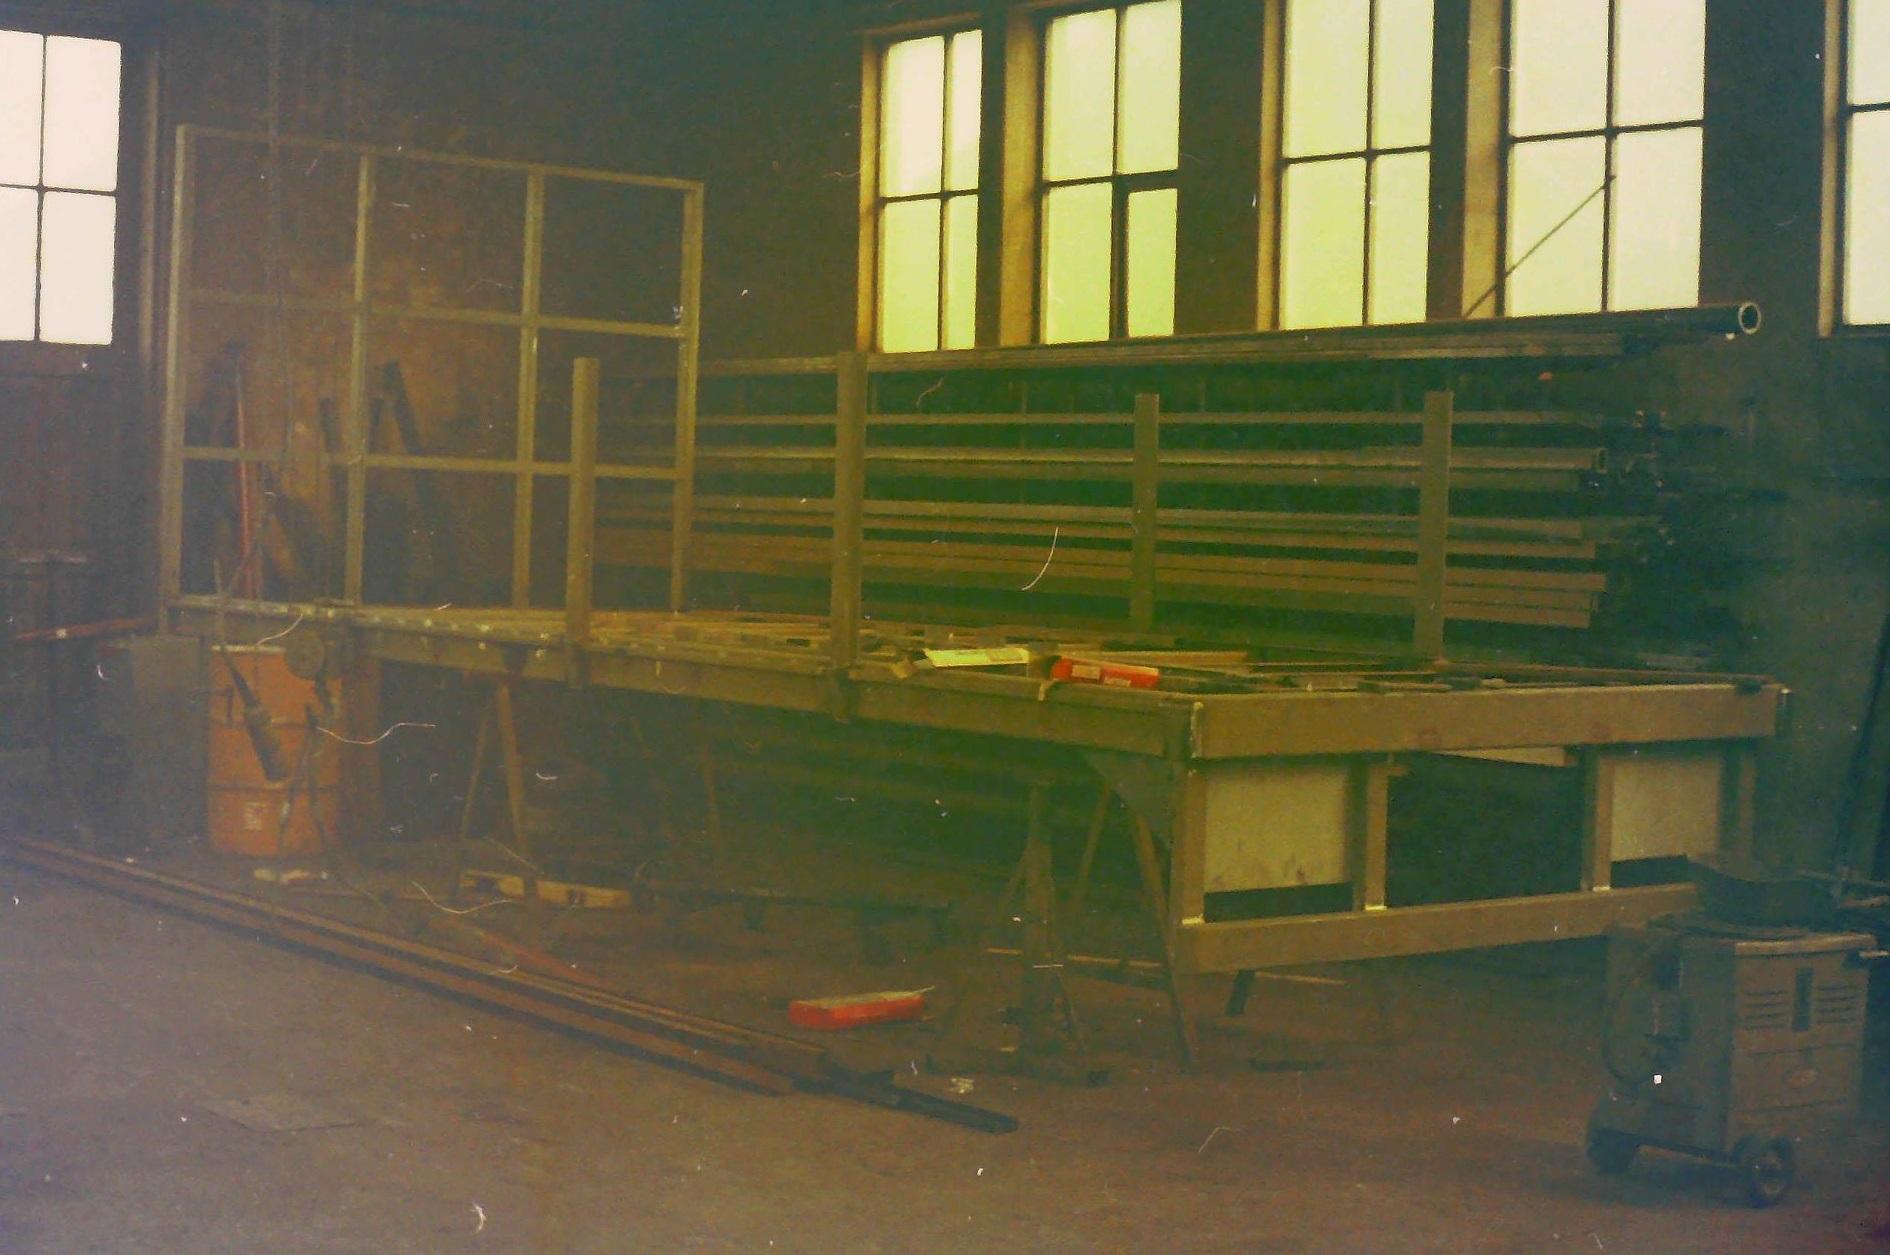 oude-foto-s-van-de-altijd-volle-loodsen-van-Rondaan-Carrosserie-en-Wagenbouw-in-Beetgum-5